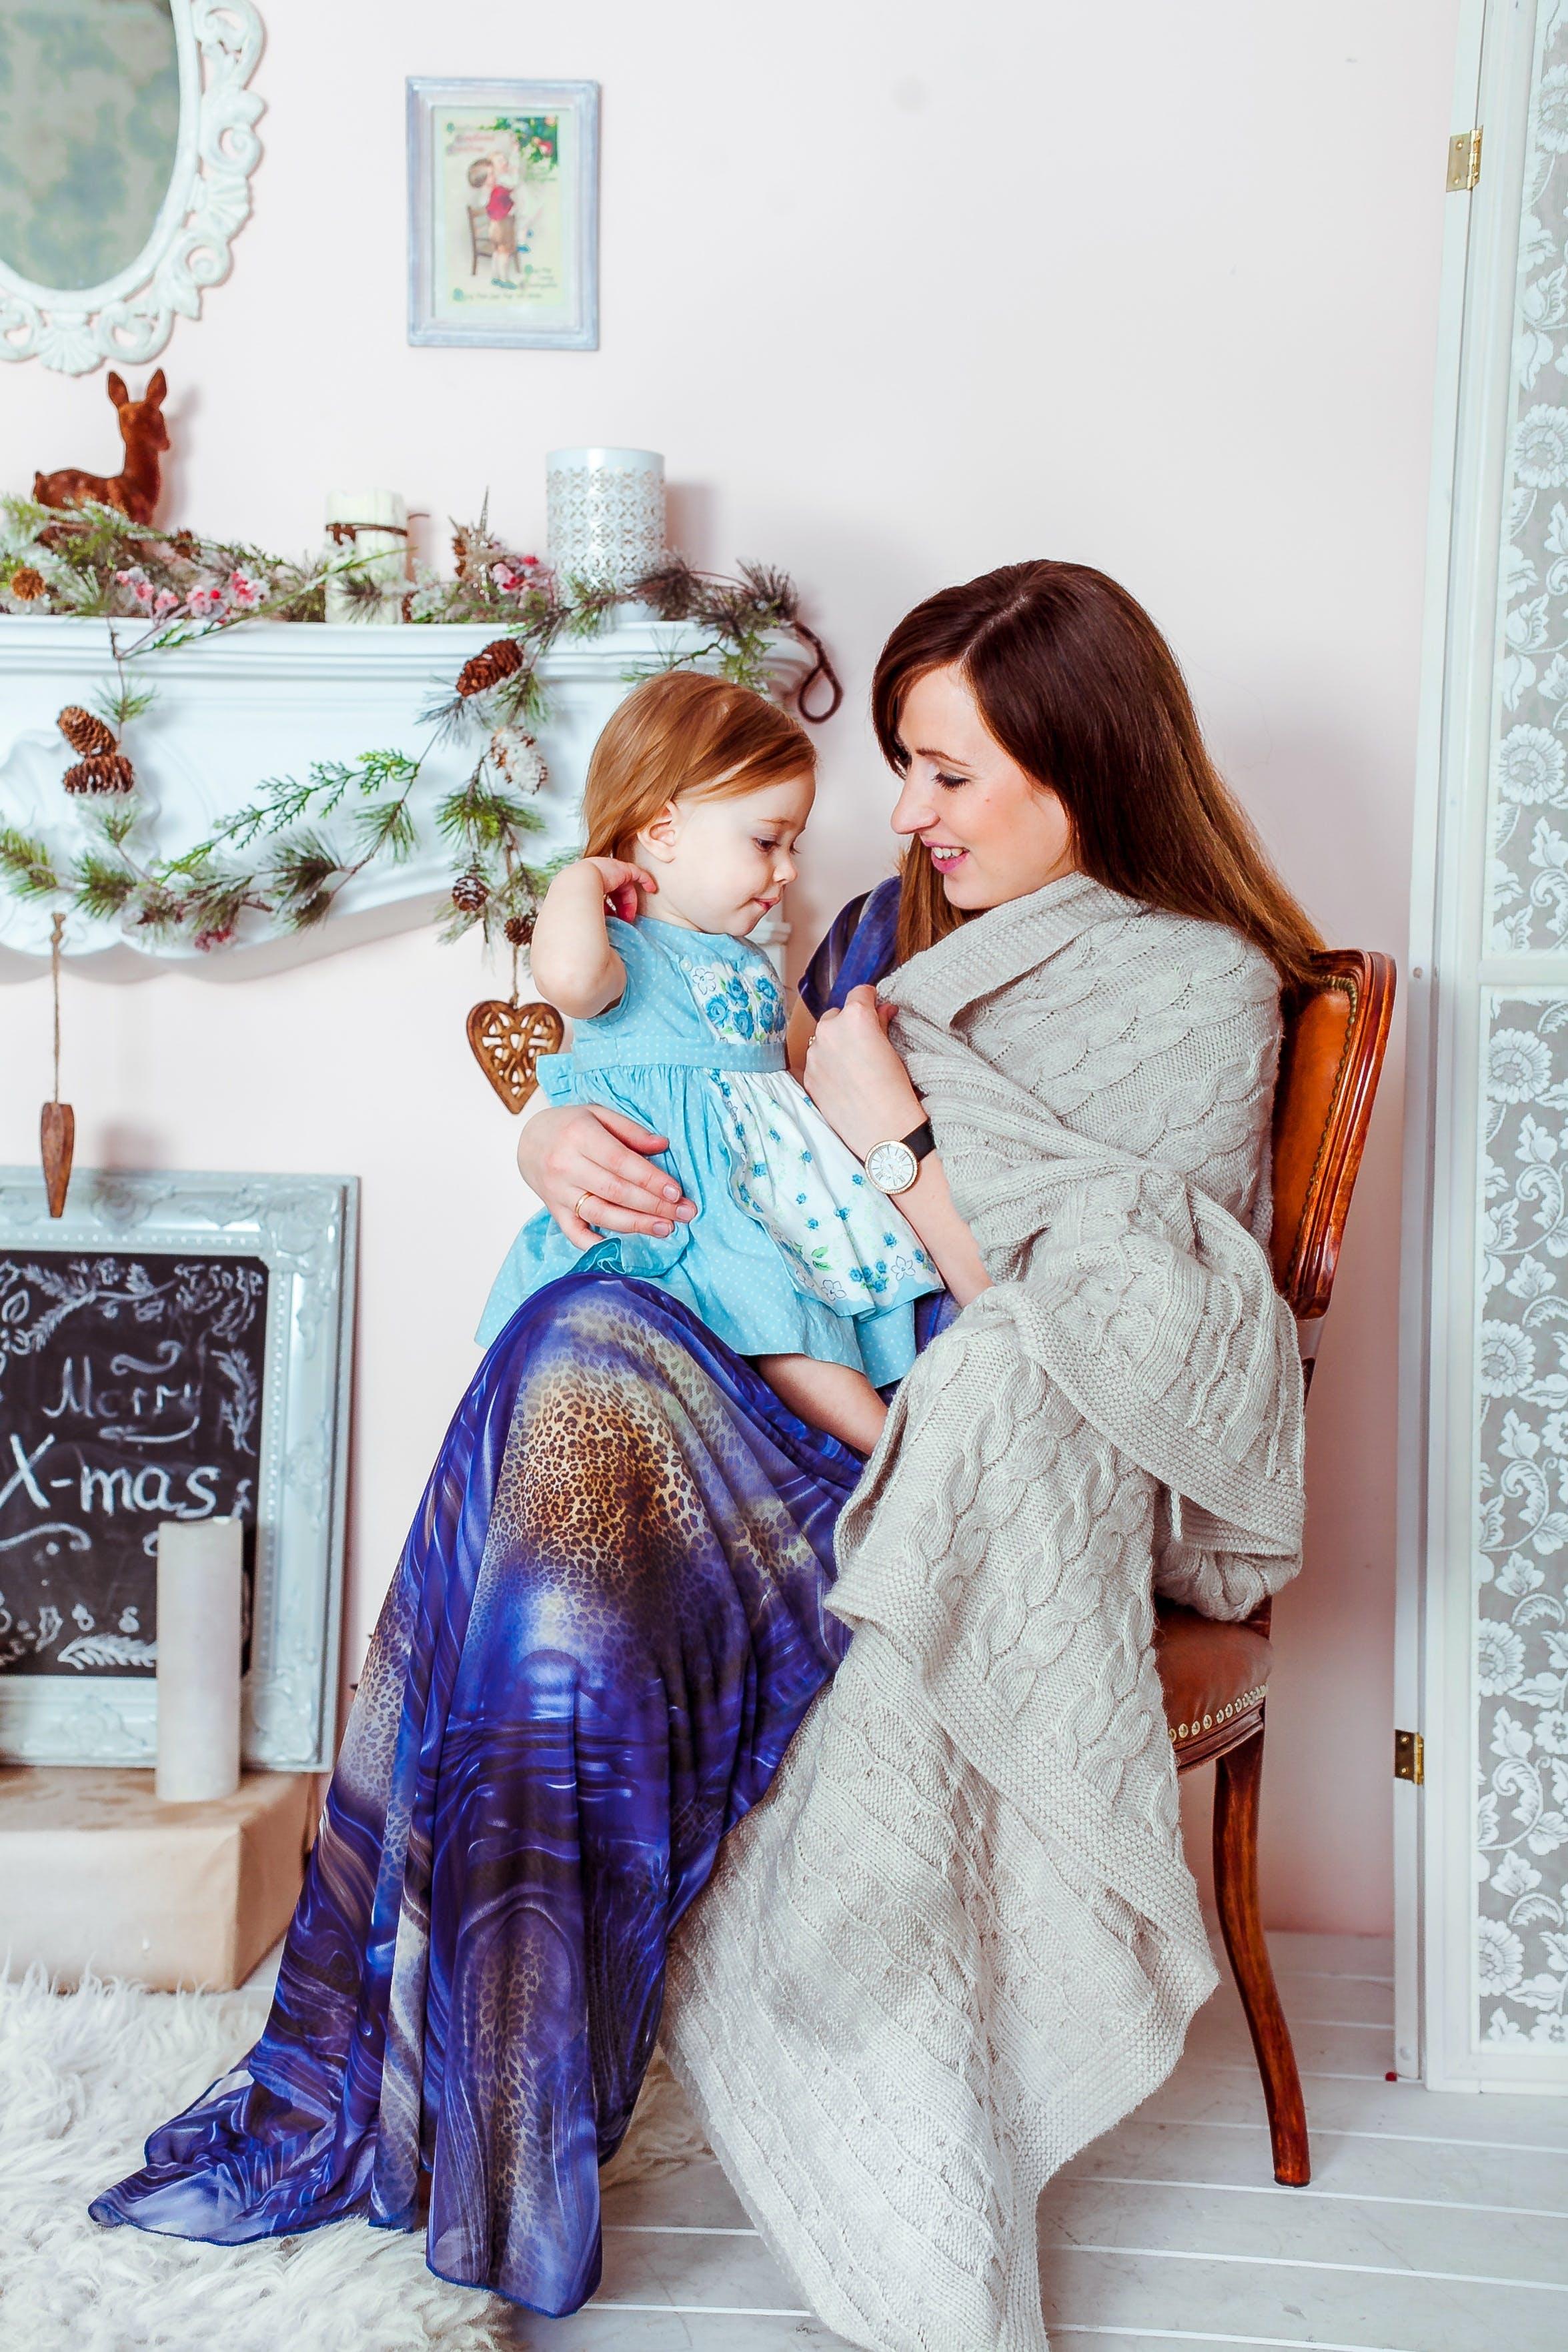 Kostenloses Stock Foto zu baby, babysitten, babysitter, bilderrahmen